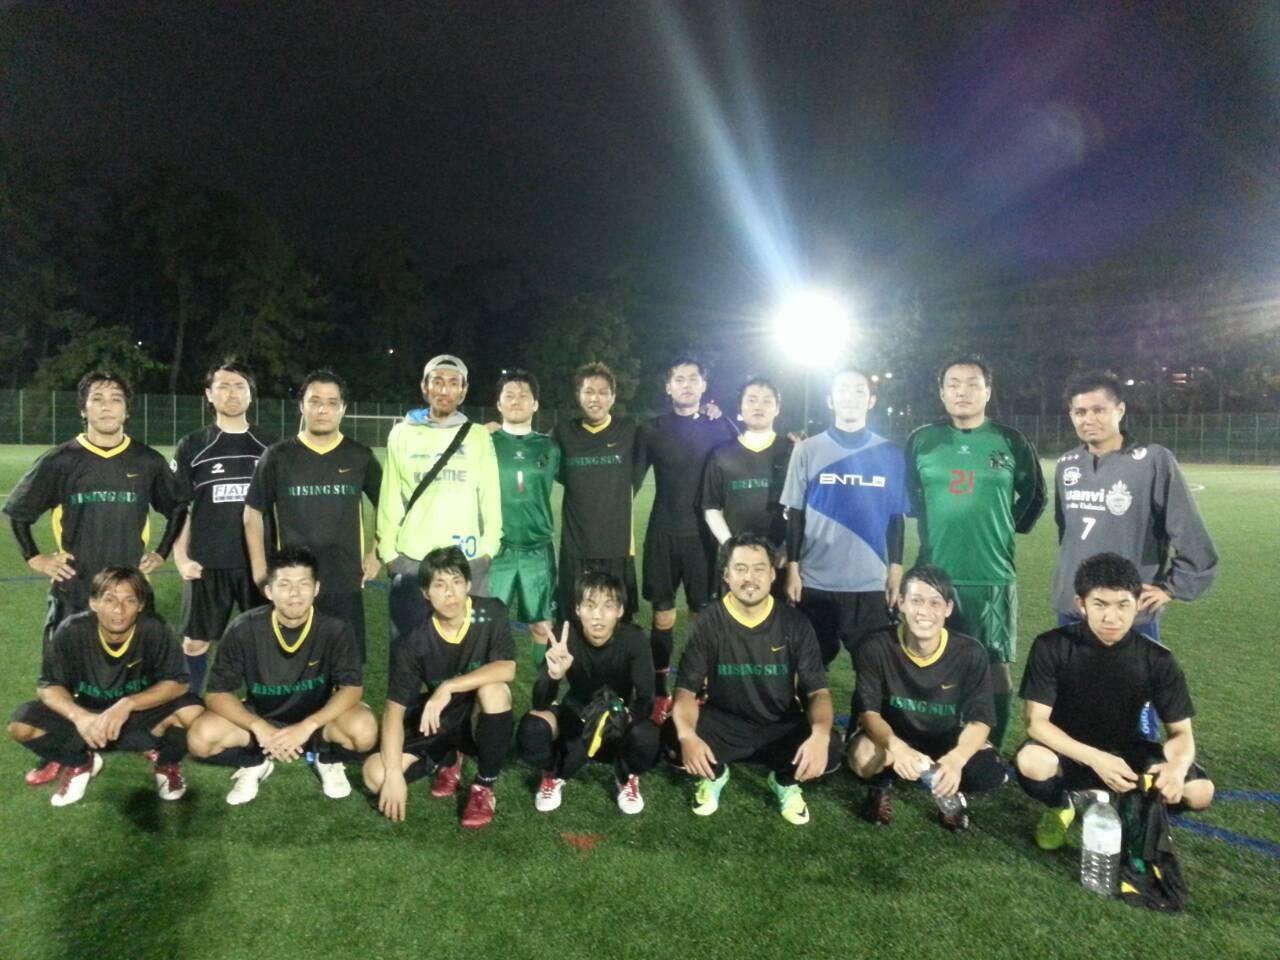 2013/10/05 服部緑地人工芝サッカー場 vs バッジーナ大阪 vs SOGNO FC